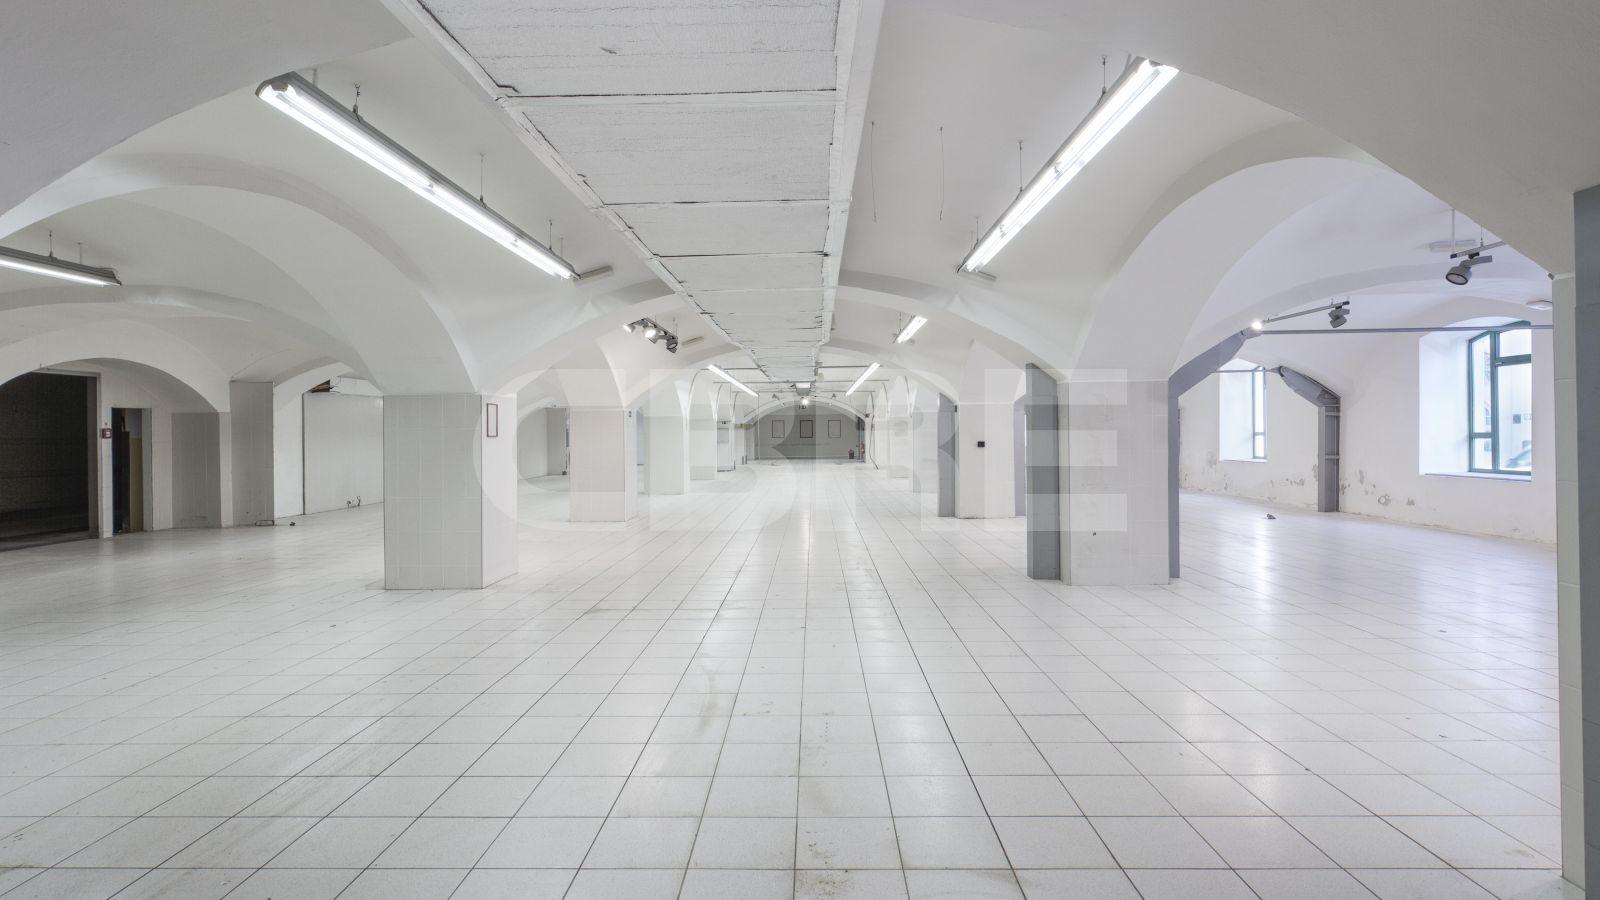 Stará Sladovňa Bratislava, Bratislavský kraj, Bratislava | Retails for rent or sale by CBRE | 2